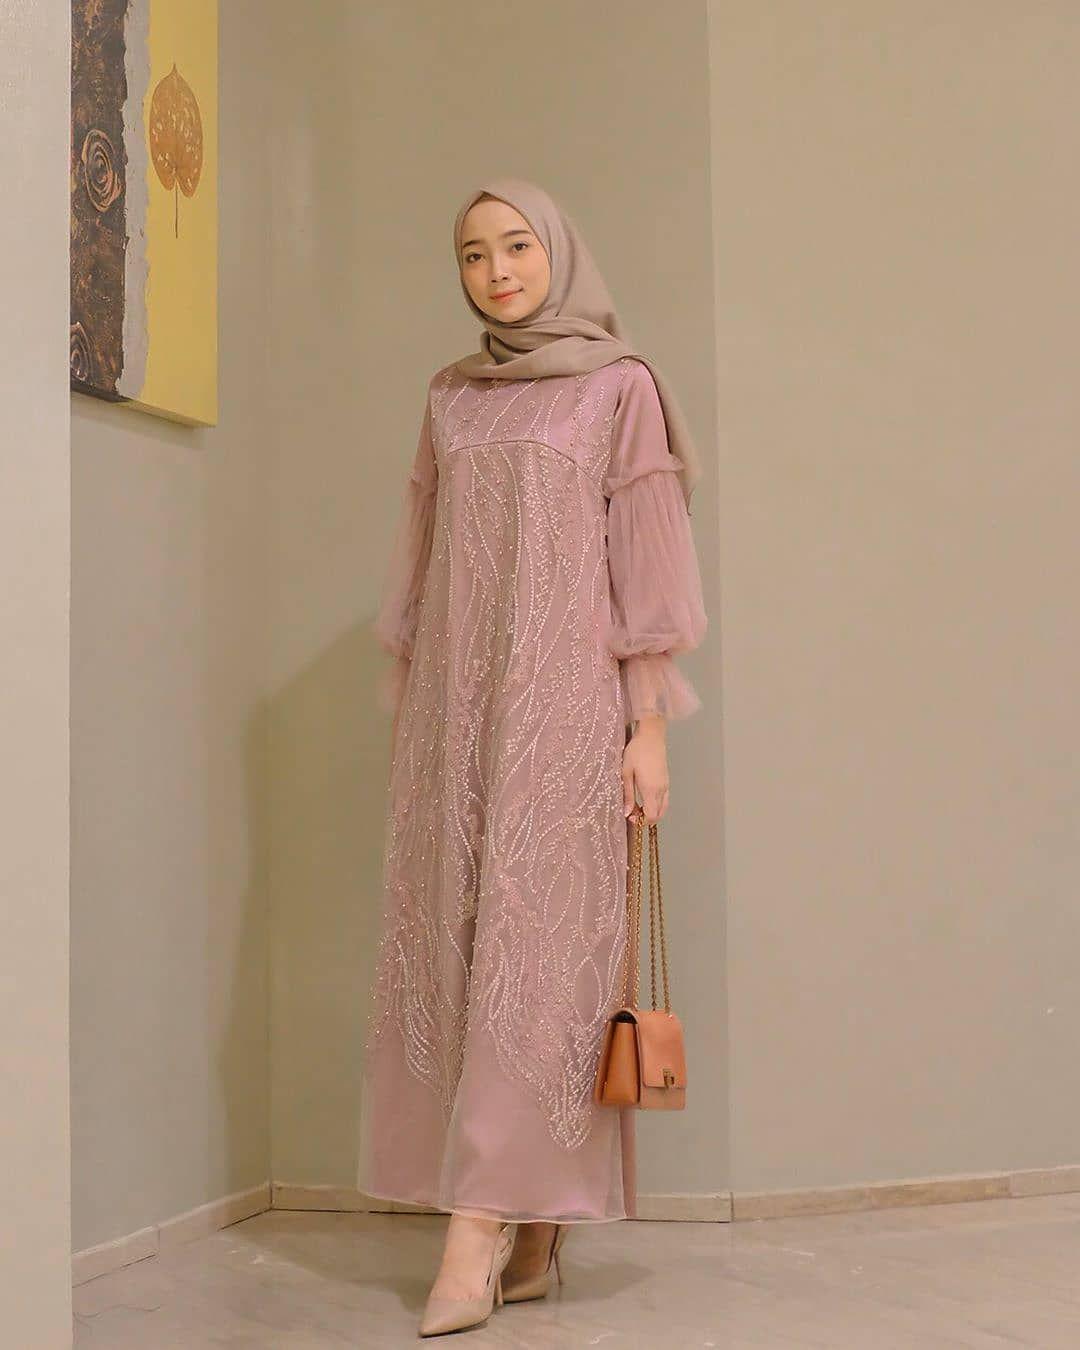 340 Hijab outfits ideas | hijab outfit, hijab fashion, muslim fashion